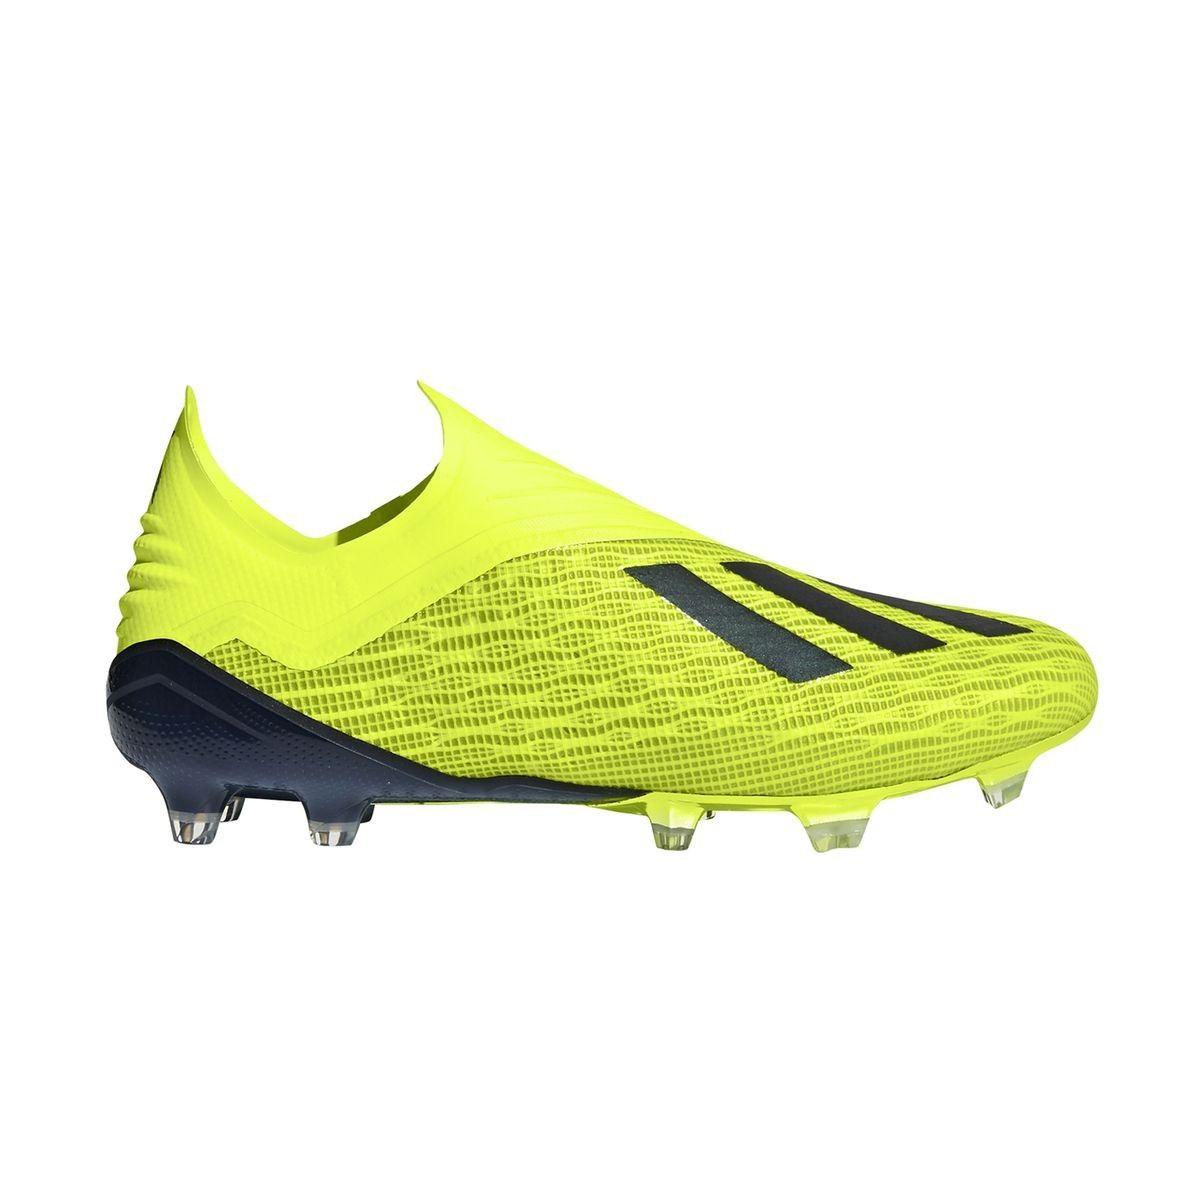 chaussures de foot adidas x